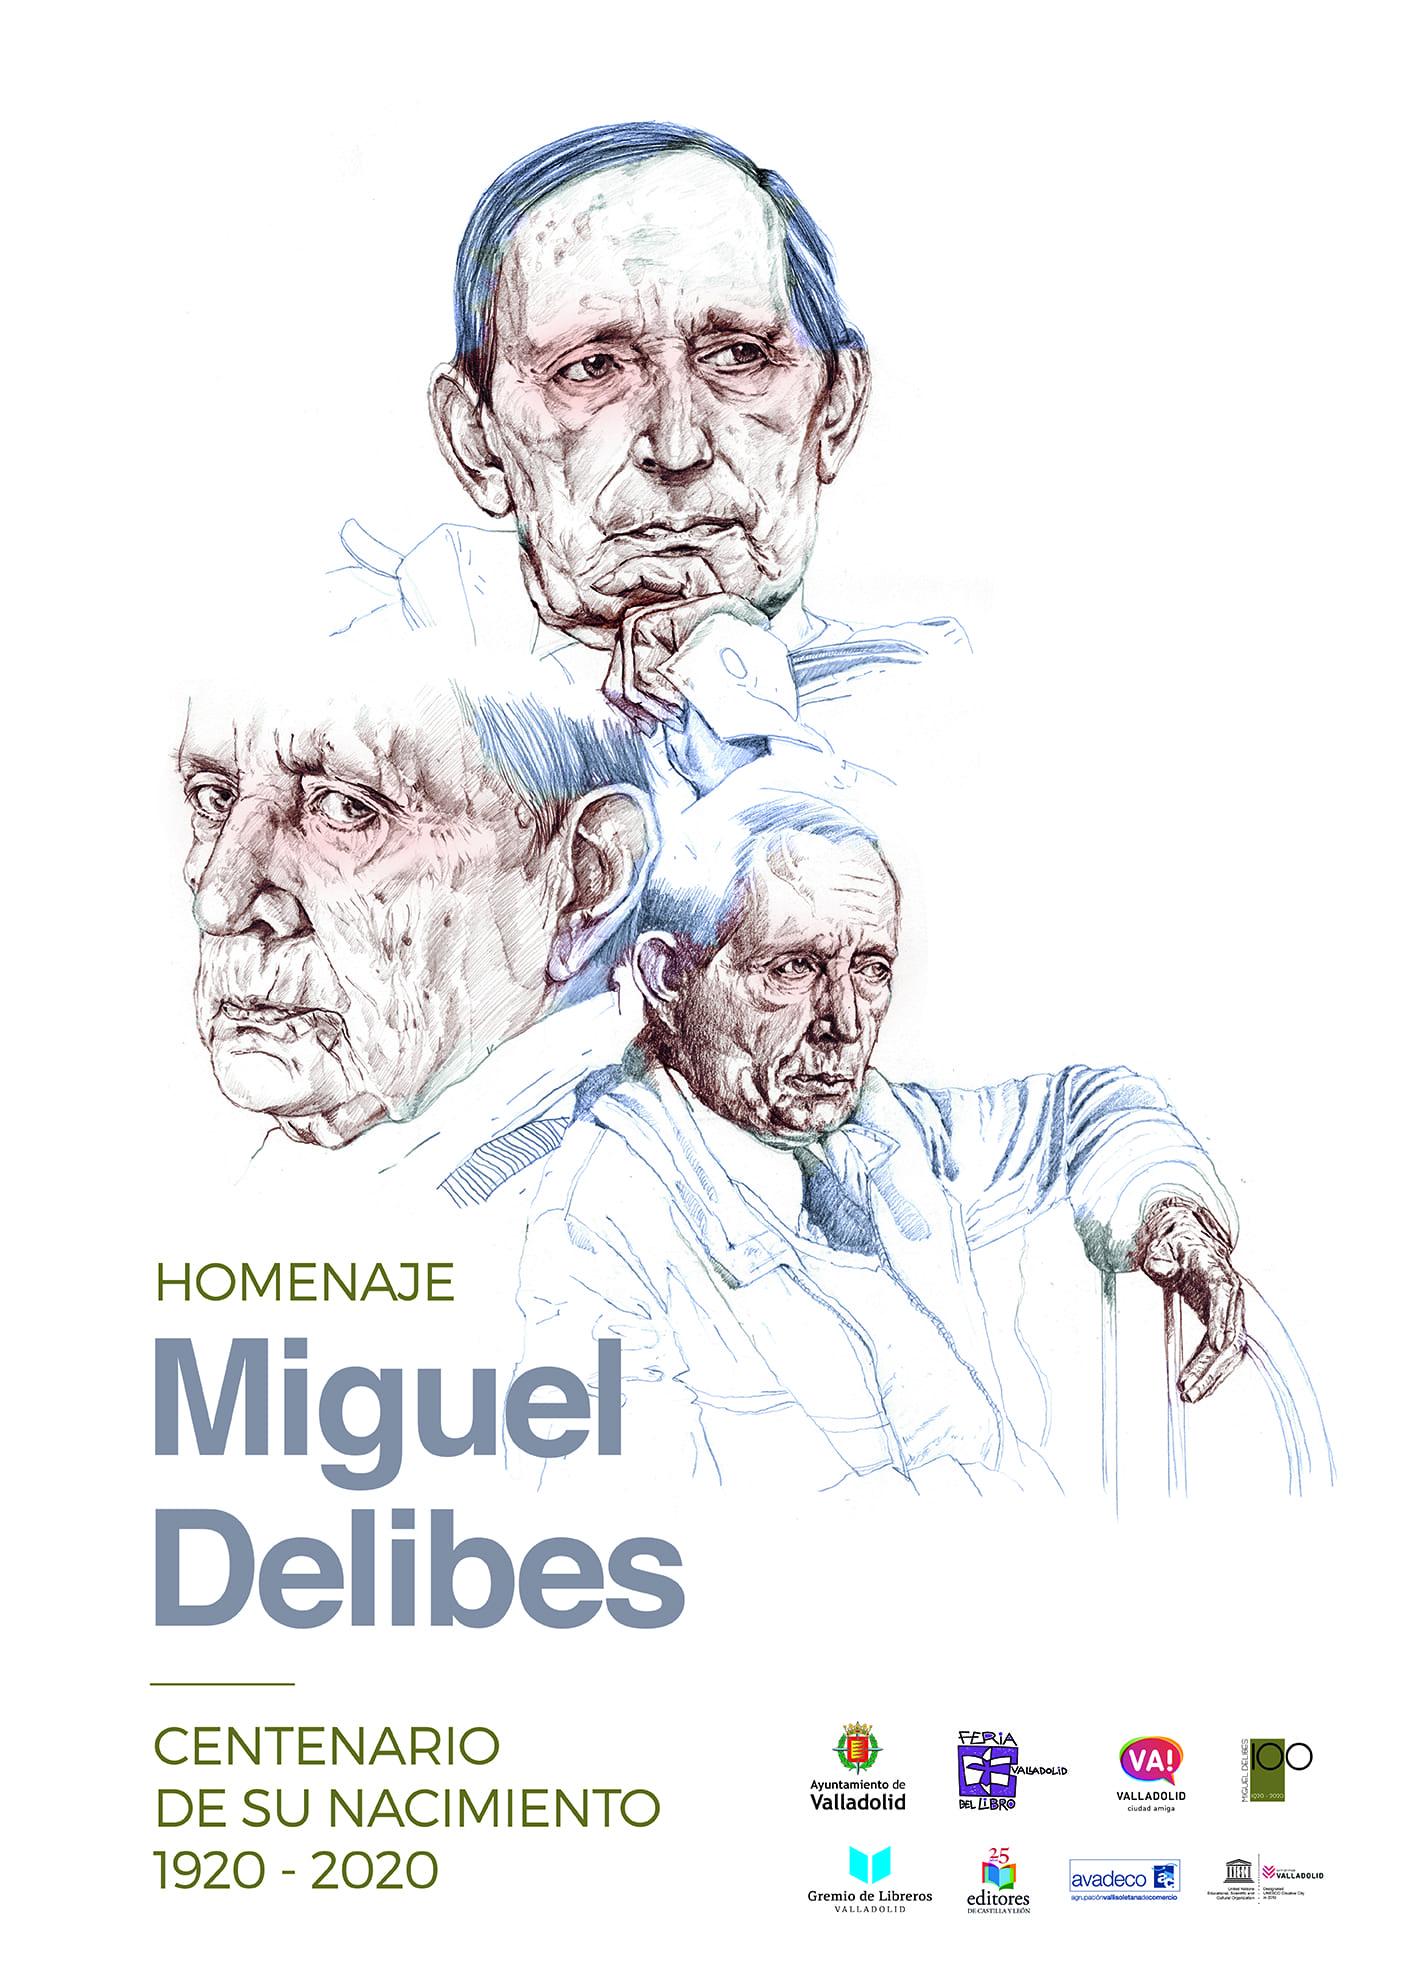 Valladolid - Feria Libro 2020 - Programa - Miguel Delibes